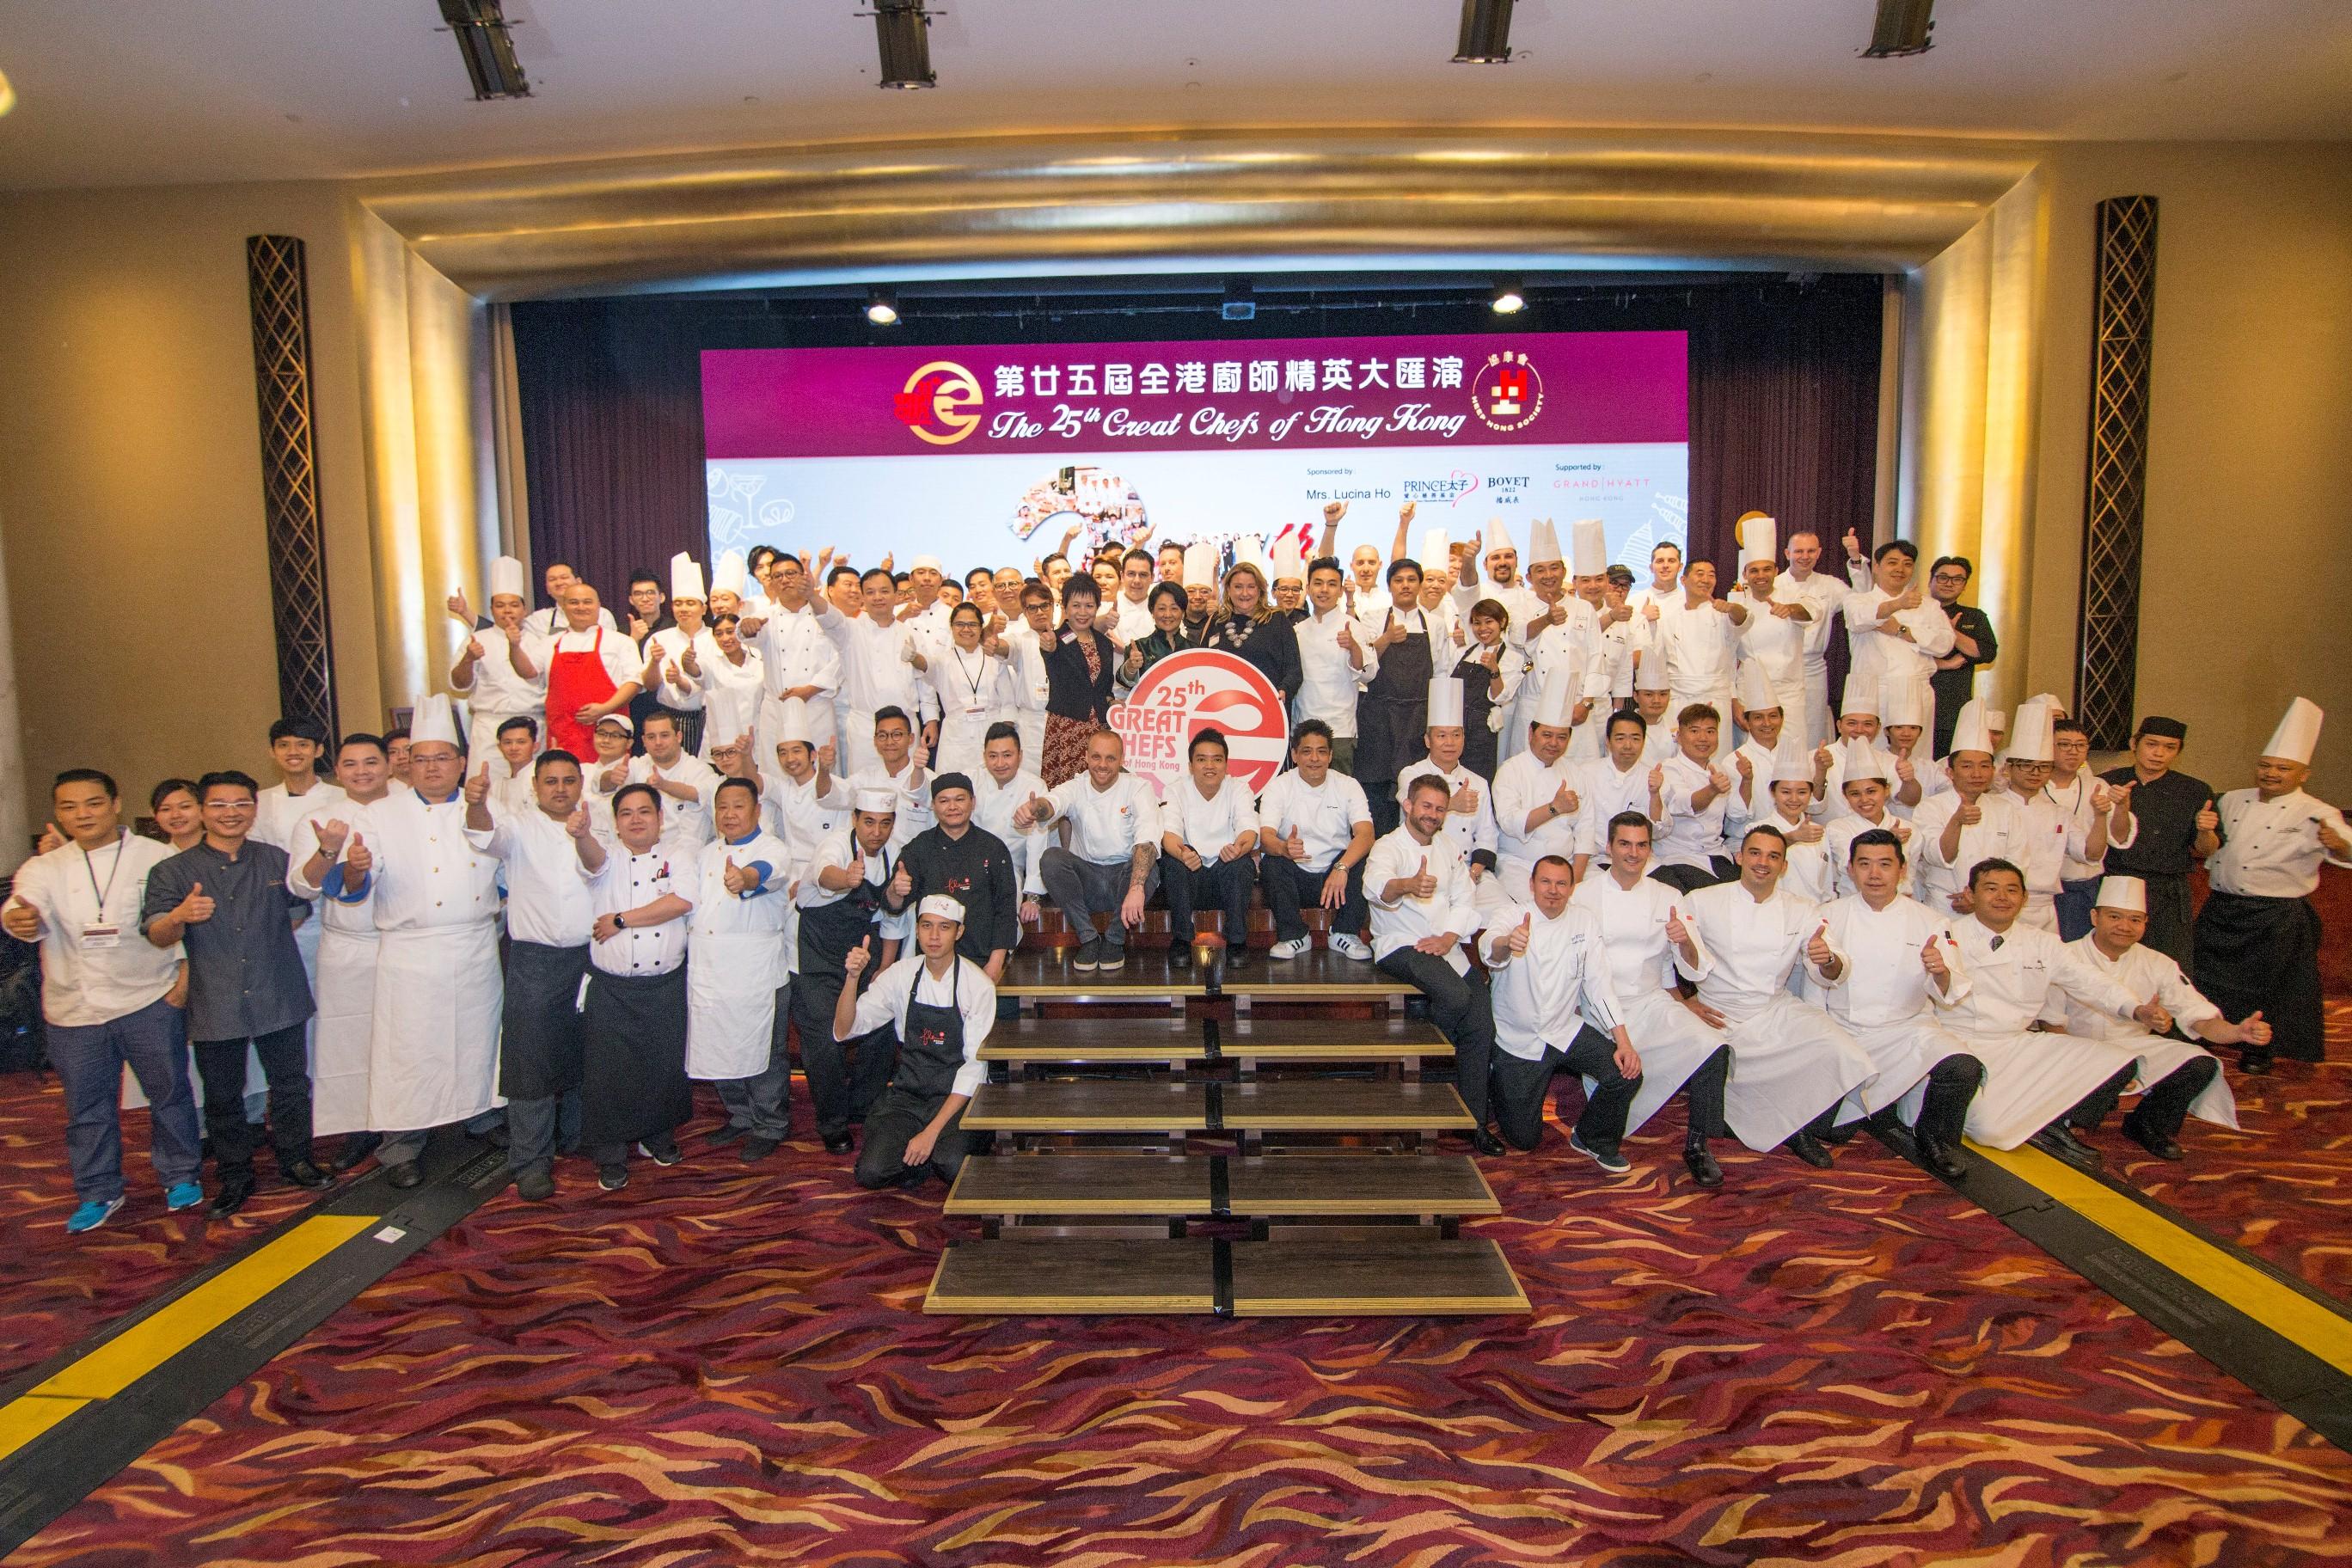 來自48間頂級餐飲集團的大廚,雲集香港君悅酒店,齊齊獻技。